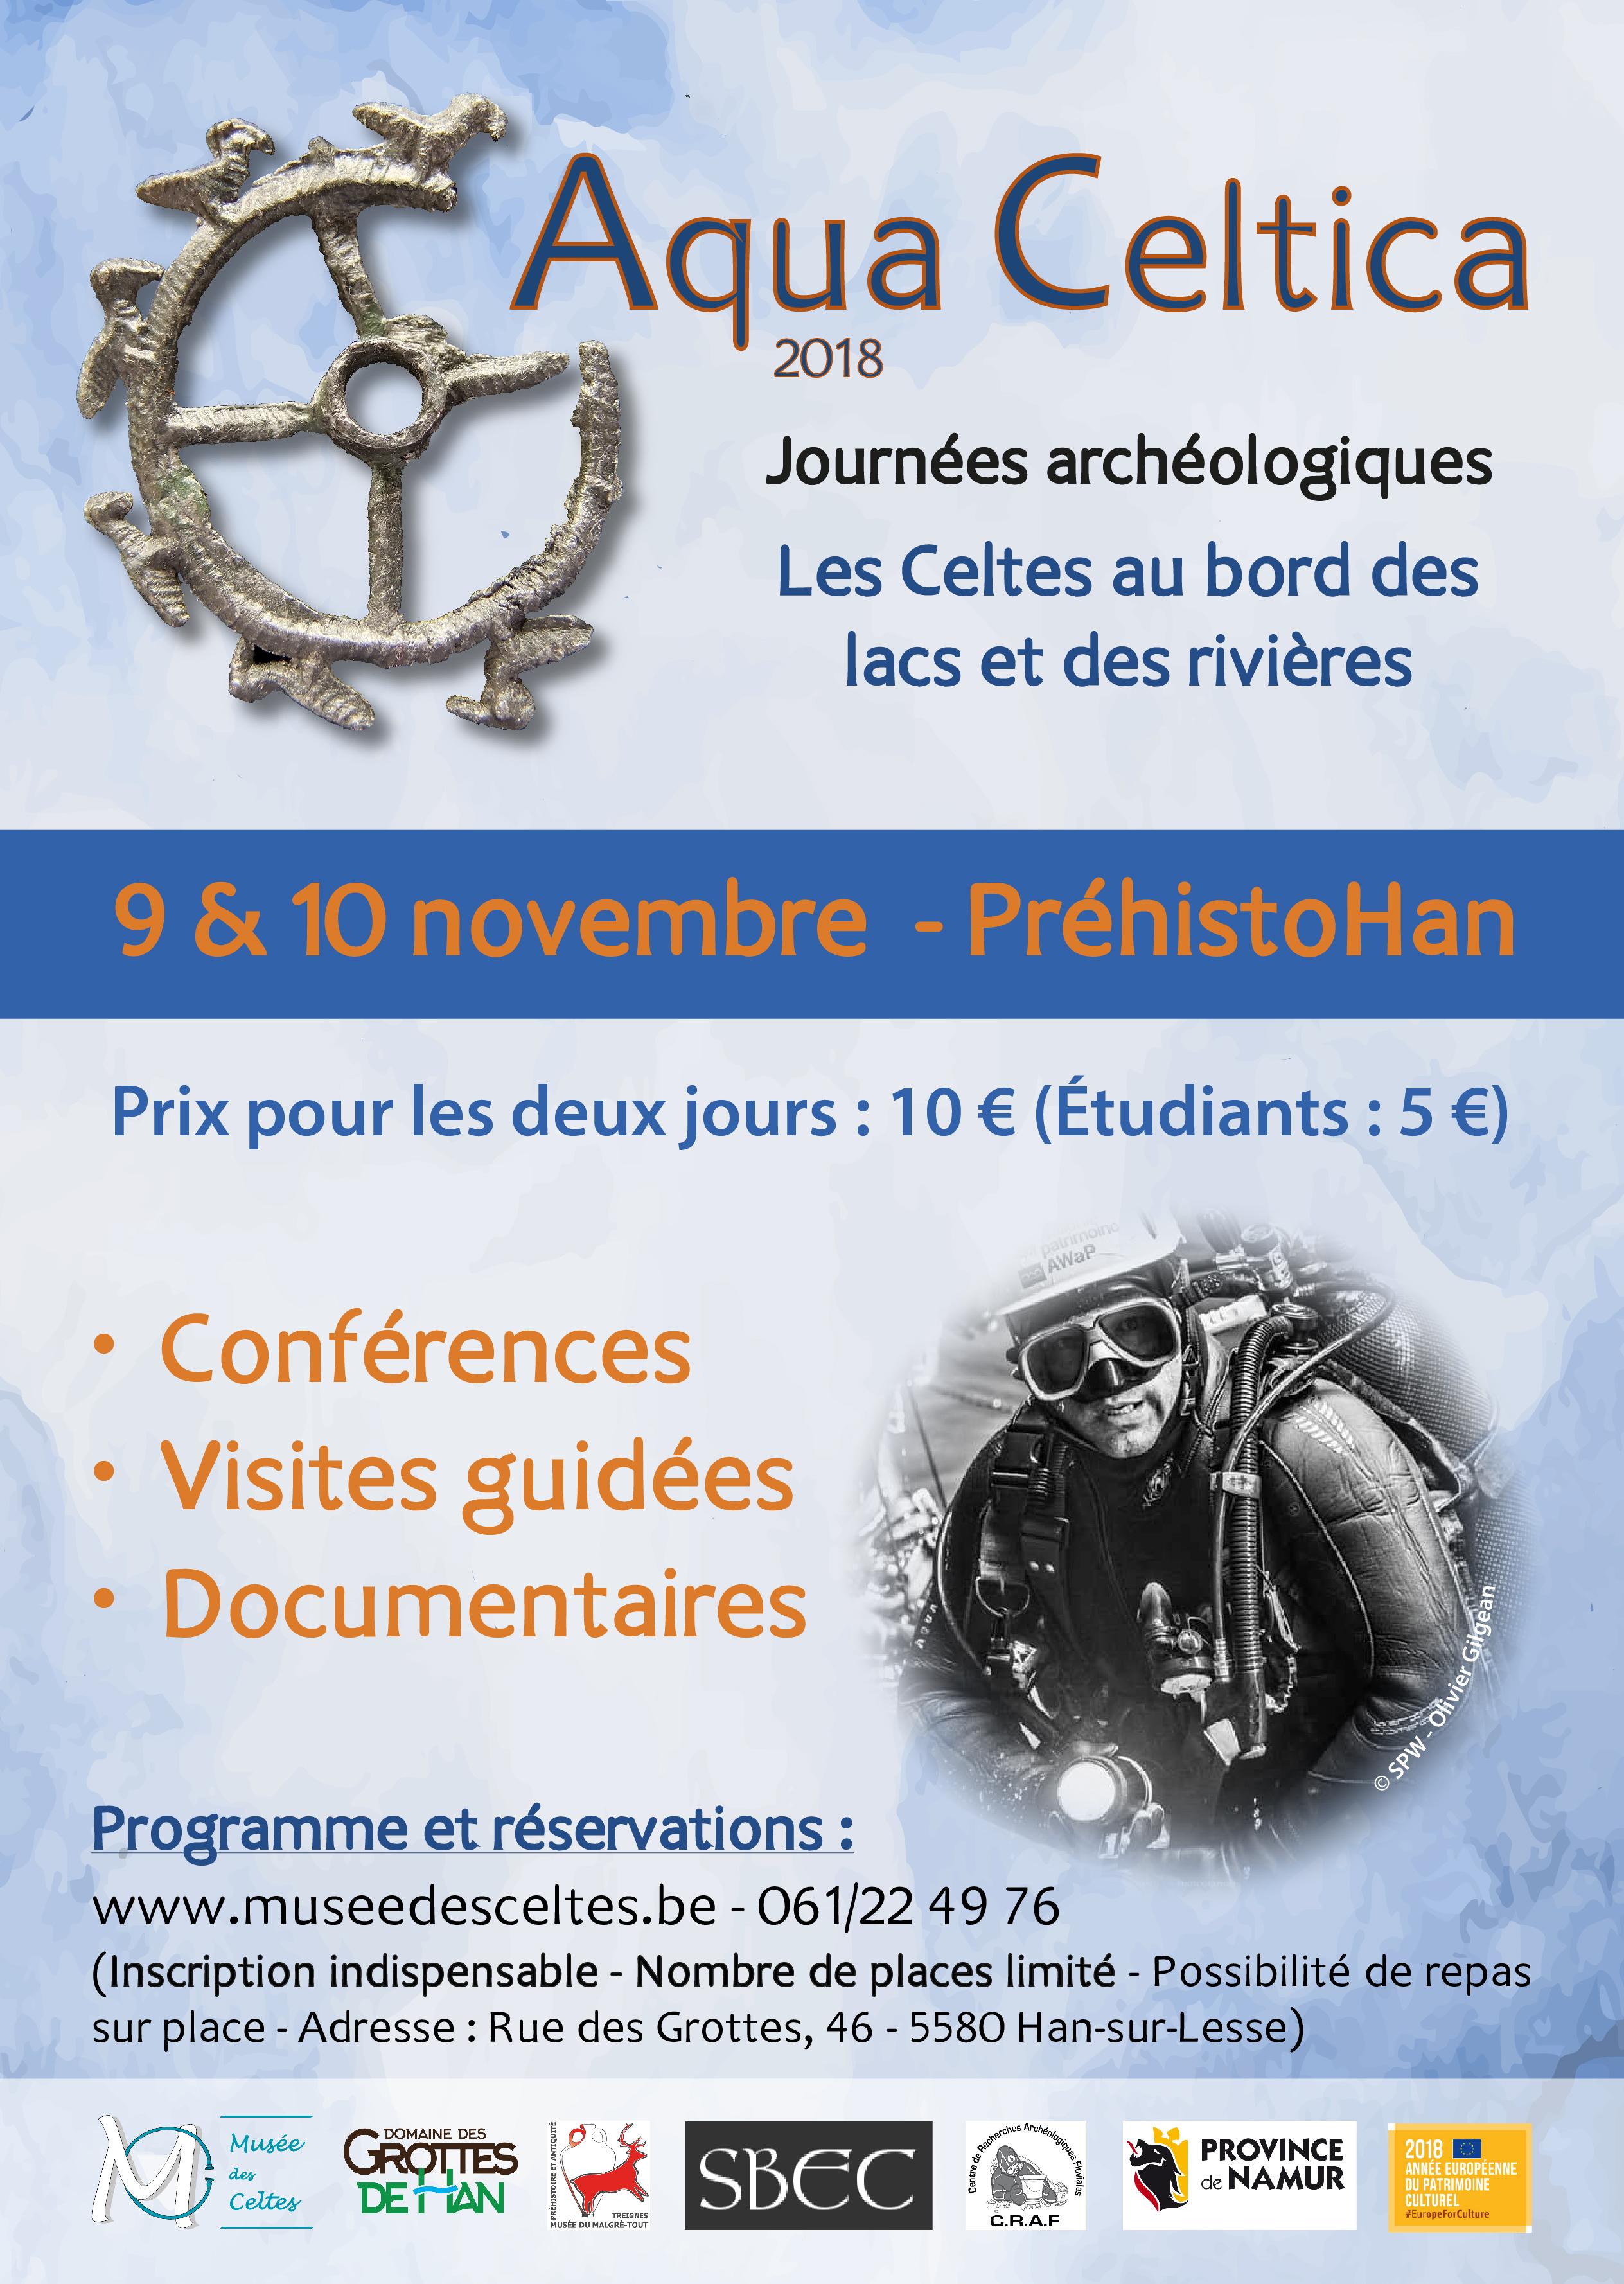 Aqua Celtica – conférences, documentaires, visites guidées à Han-sur-Lesse photo